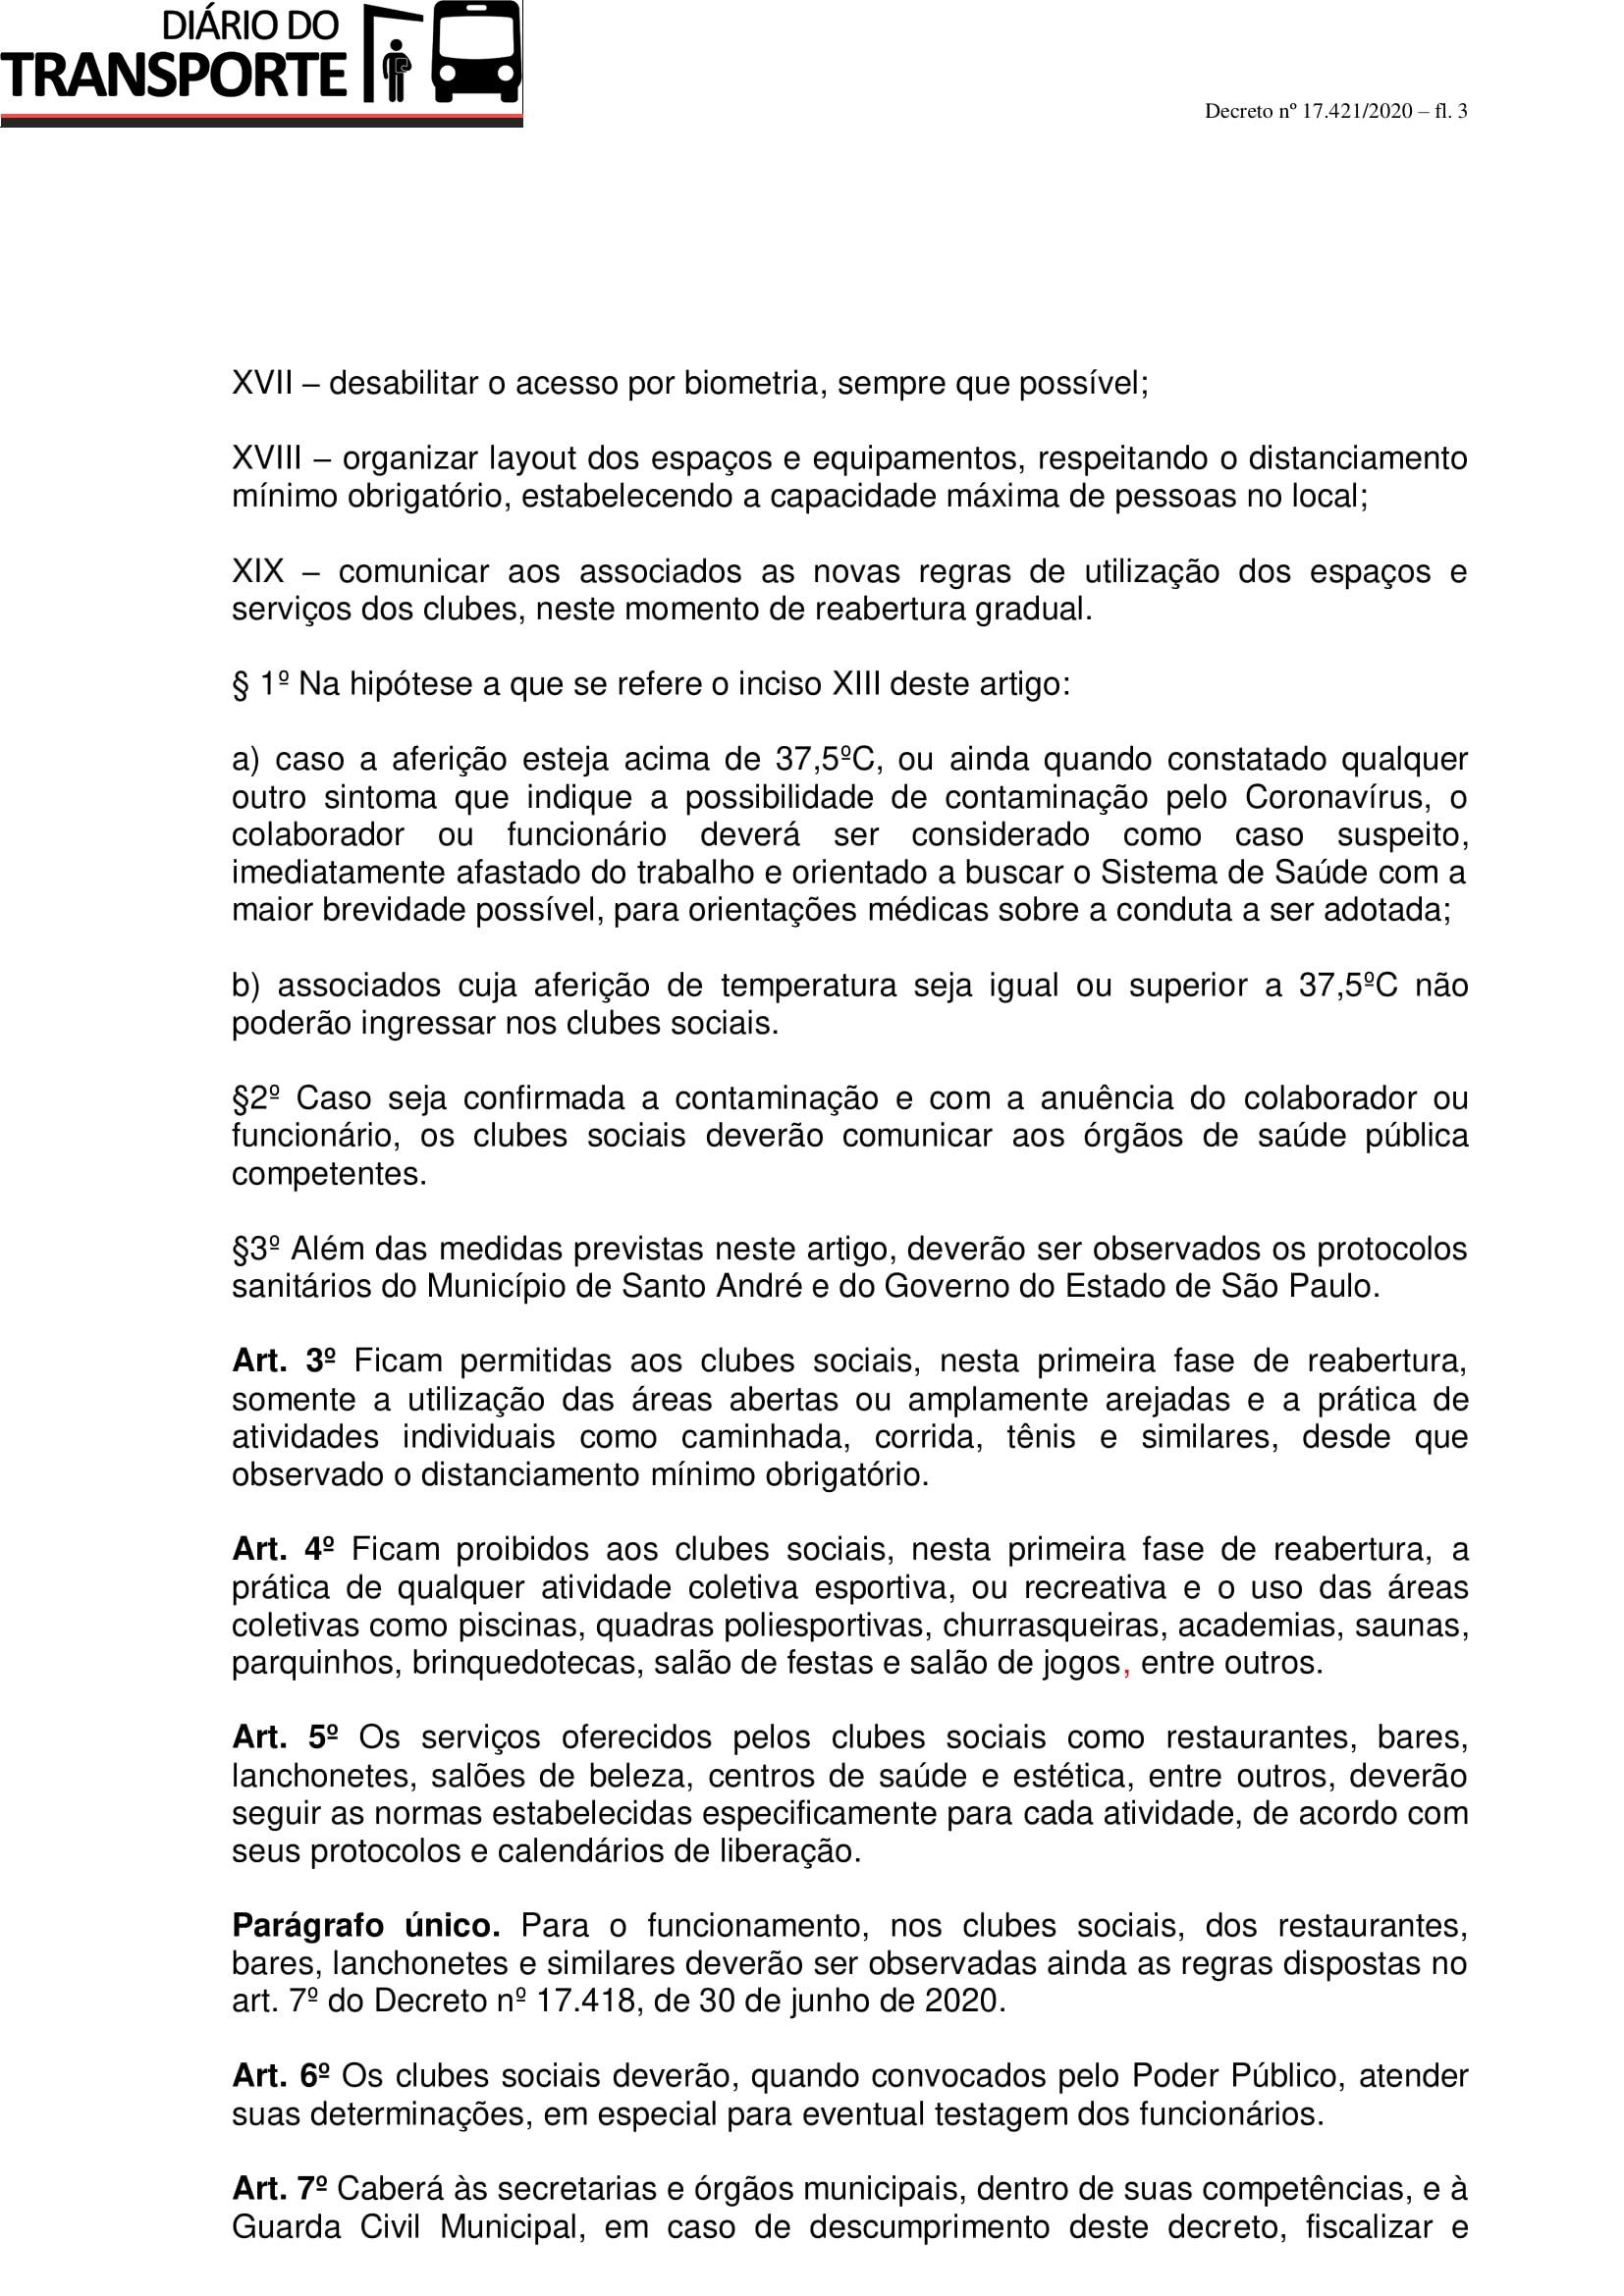 Decreto nº 17.421 (Reabertura gradual e consciente dos clubes sociais)-3